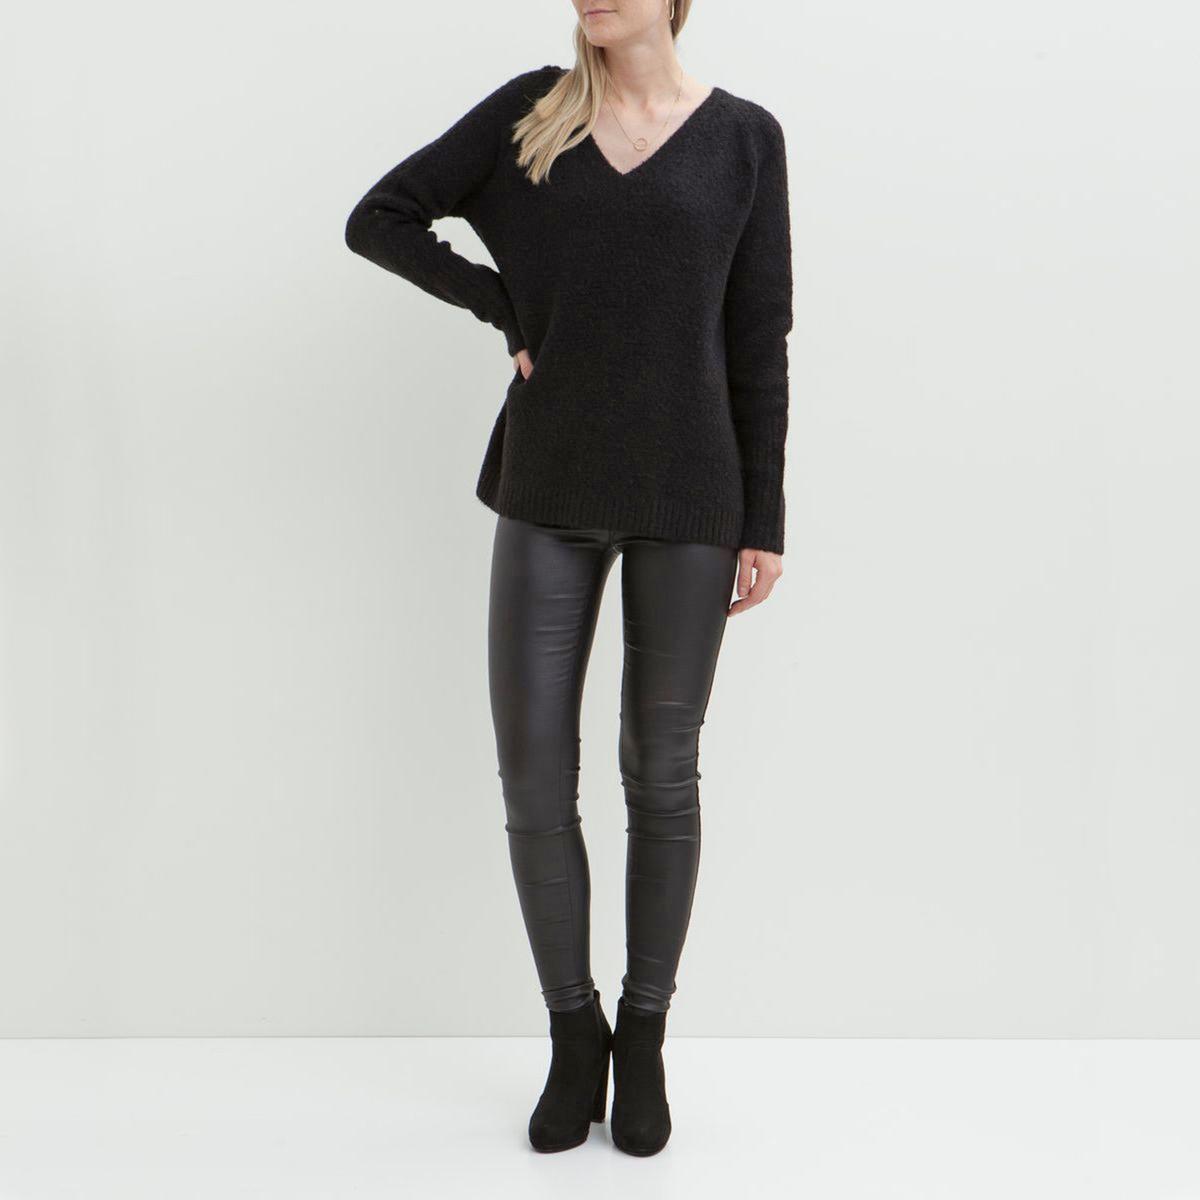 Пуловер Viplace,треугольный вырезСостав и описаниеМатериал : 45% акрила, 30% шерсти, 20% полиамида Нейлон, 5% эластана.Марка : Vila.Модель : Viplace.УходСледуйте инструкциям по уходу на этикетке<br><br>Цвет: черный<br>Размер: M